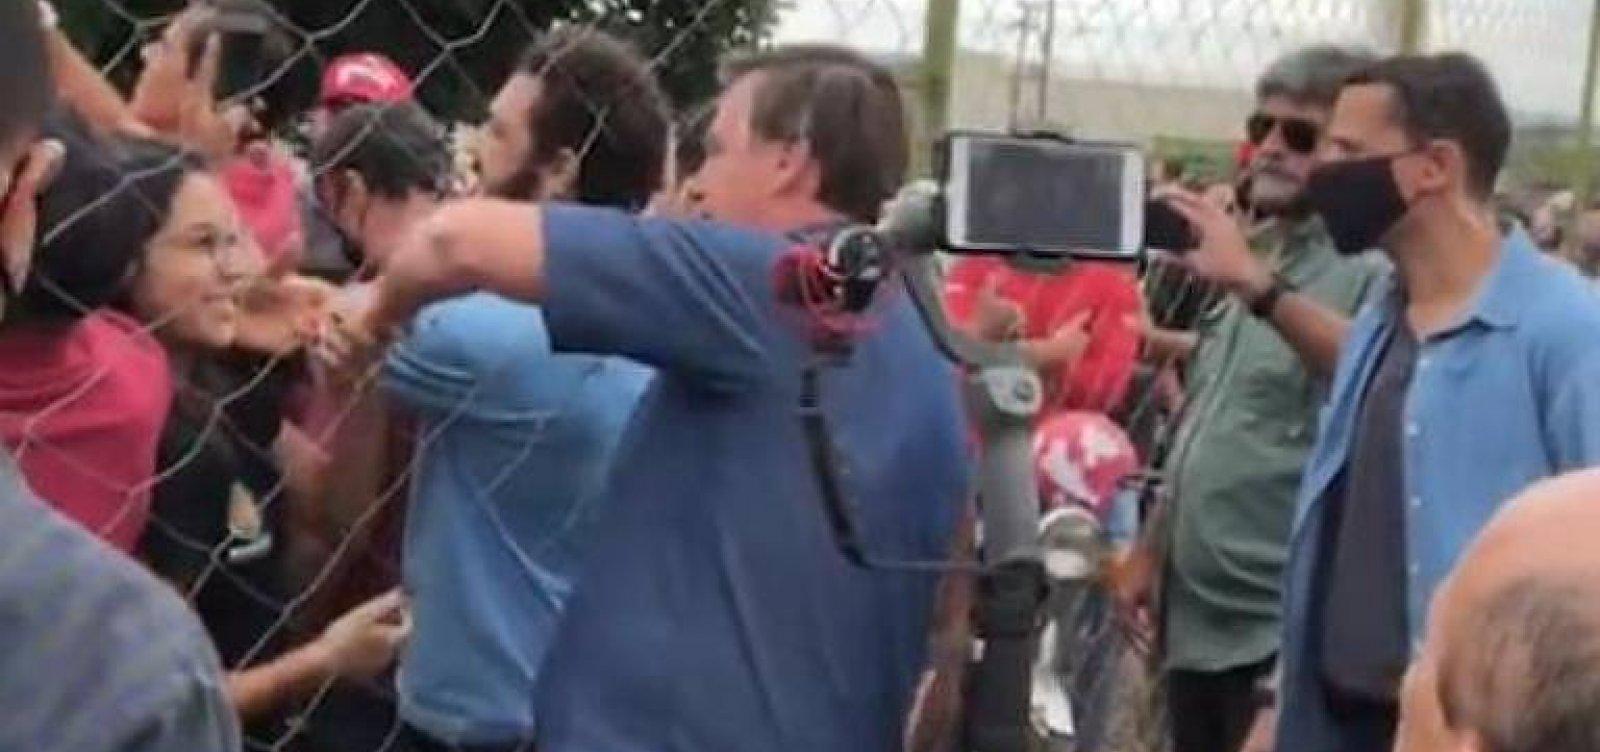 Sem máscara, Bolsonaro usa helicópteros oficiais fora da agenda e causa aglomeração em Goiás